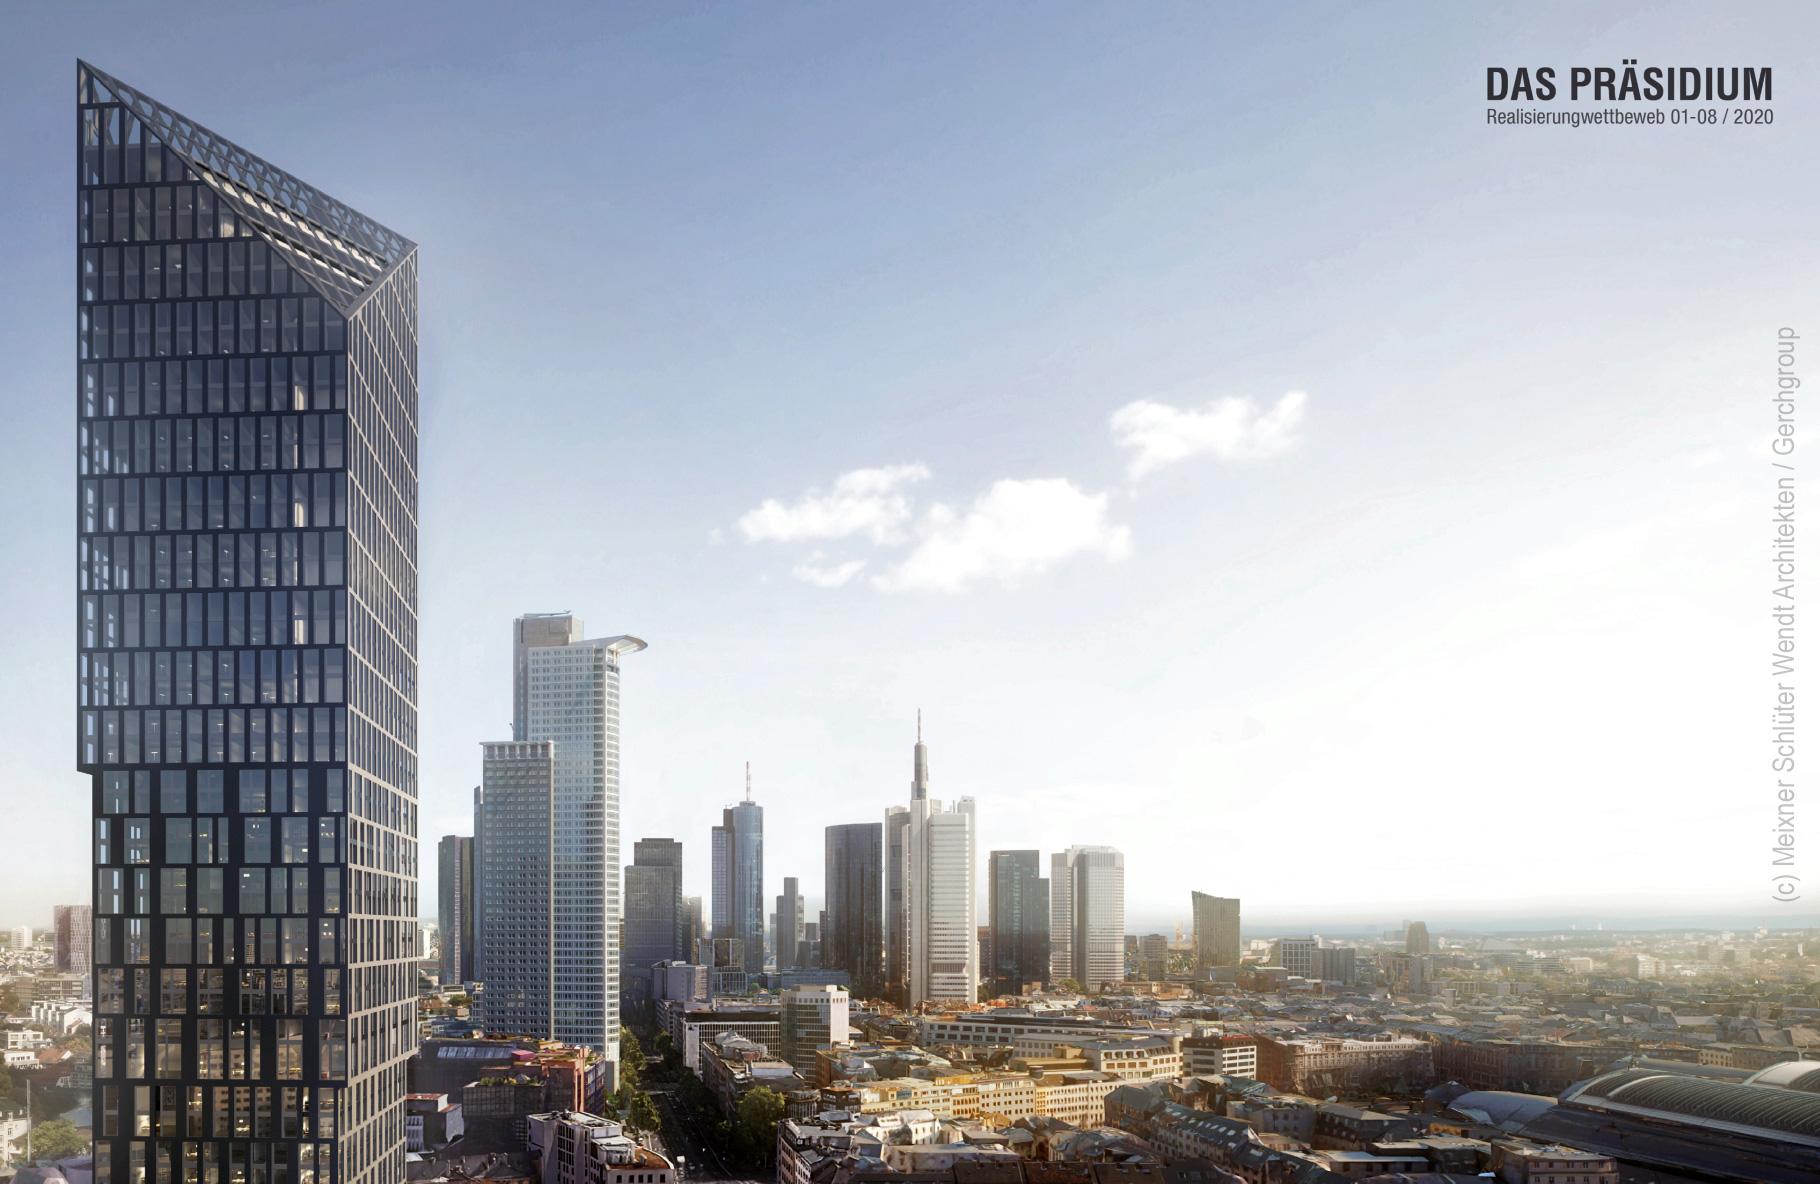 Das Präsidium - Neues Hochhaus für die Skyline Frankfurt - Geplanter Wolkenkratzer - Architekt Meixner Schlüter Wendt - Projektentwickler Gerchgroup